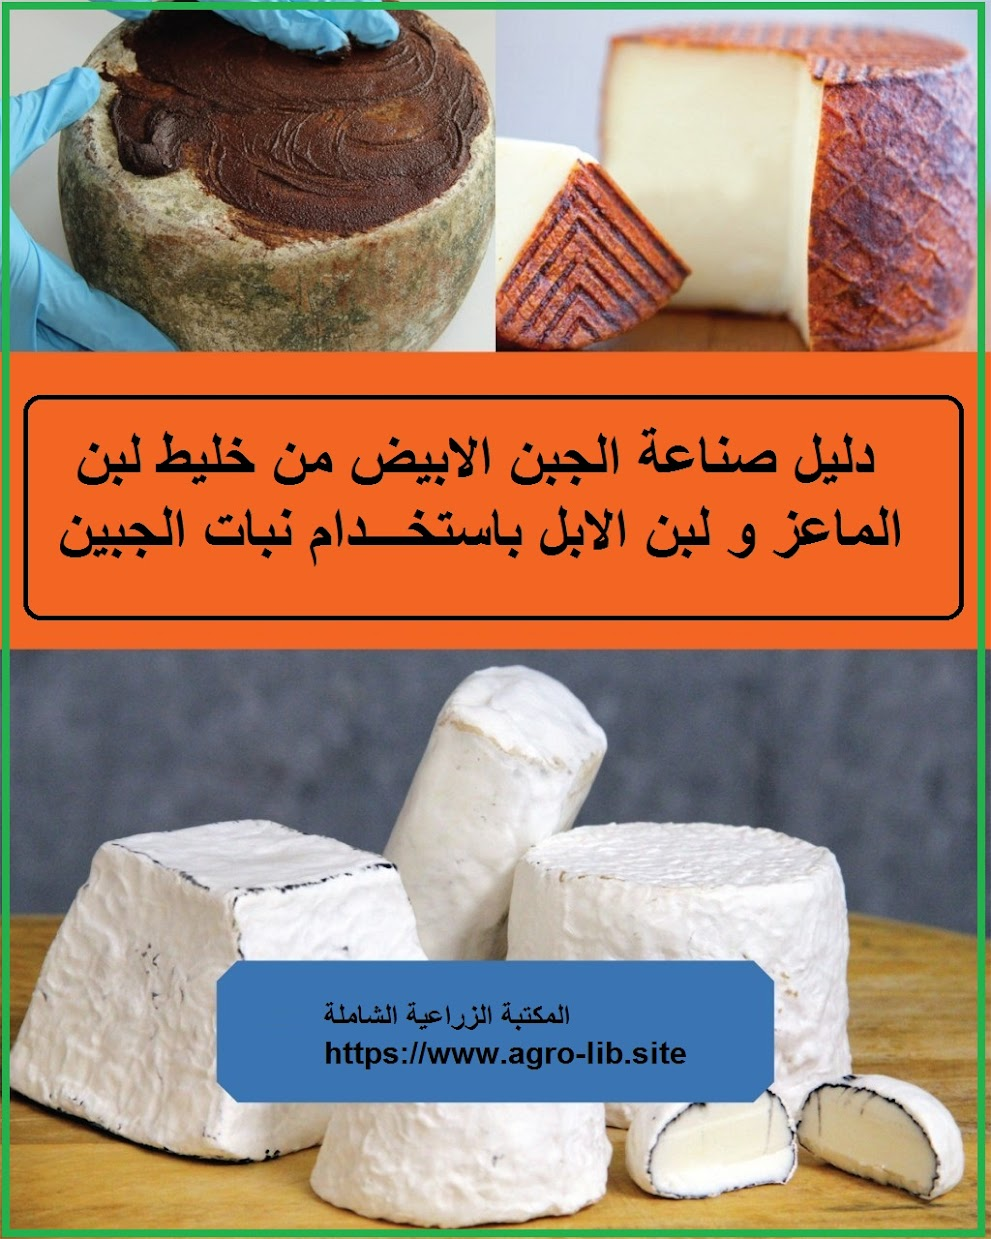 كتاب : دليل صناعة الجبن الابيض من خليط لبن الماعز و لبن الابل باستخدام نبات الجبين